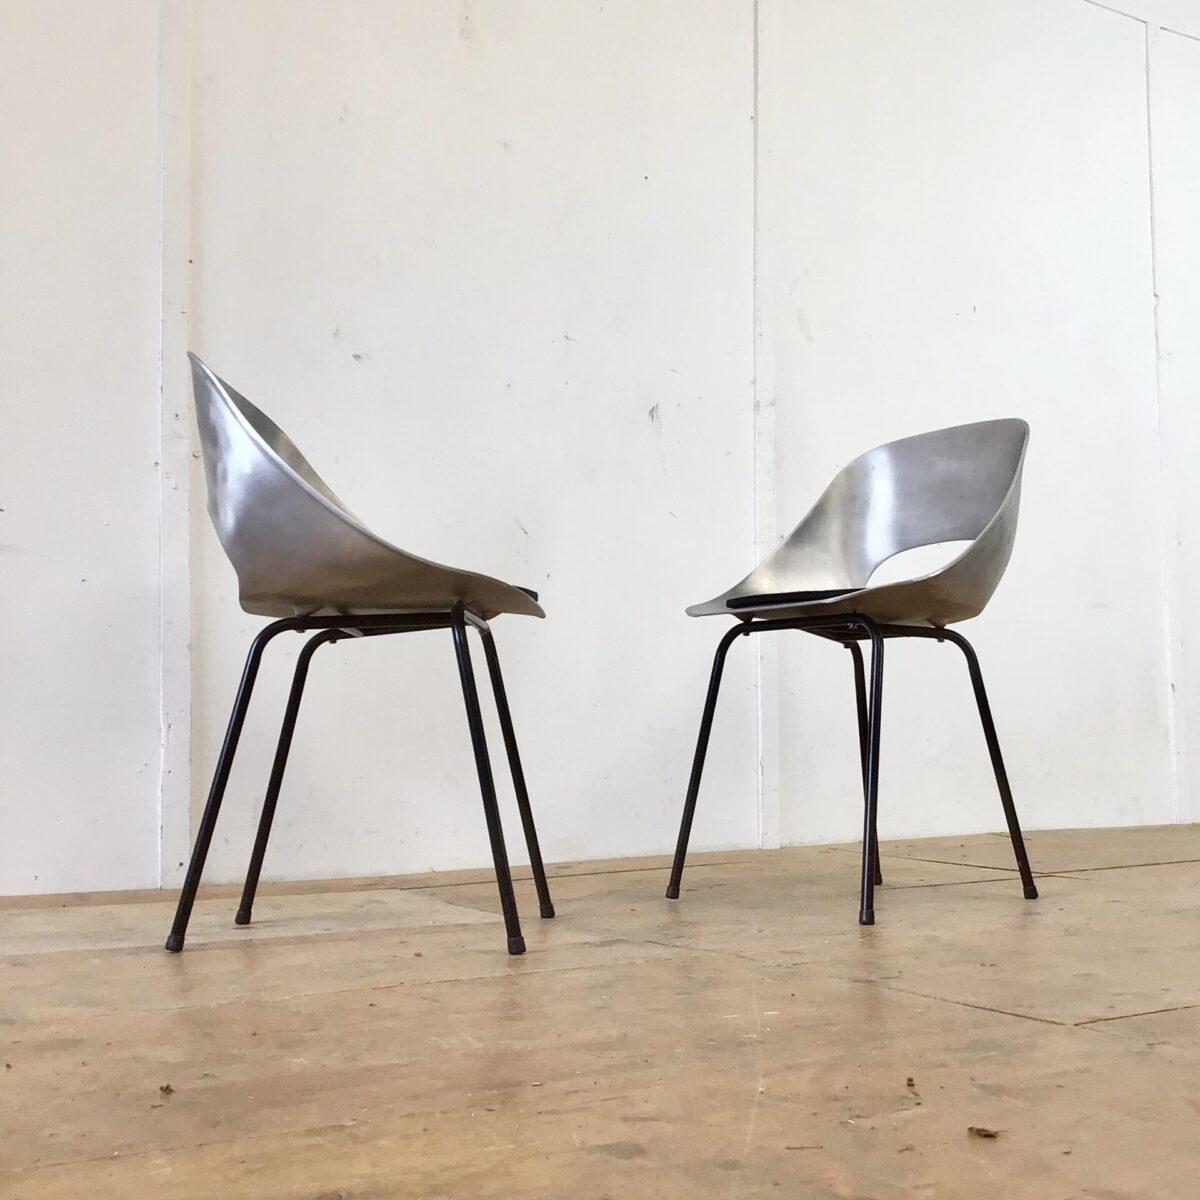 Zwei Aluminium Stühle mit schwarzen Metallfüssen. Die Schalensitze sind aus massivem ca. 3mm dicken Aluminium. Hersteller und Produktionsverfahren unbekannt. Wenn man sich aufrecht reinsetzt sind die Stühle auch bequem. Die Lehne dürfte etwas weiter nach hinten geneigt sein. Optisch sehen die Schalen mit den Löchern, und der matten Oberfläche, aber sehr hochwertig und eigenwillig aus. Sie würden sich dank den wetterbeständigen Materialen auch für draussen eignen.